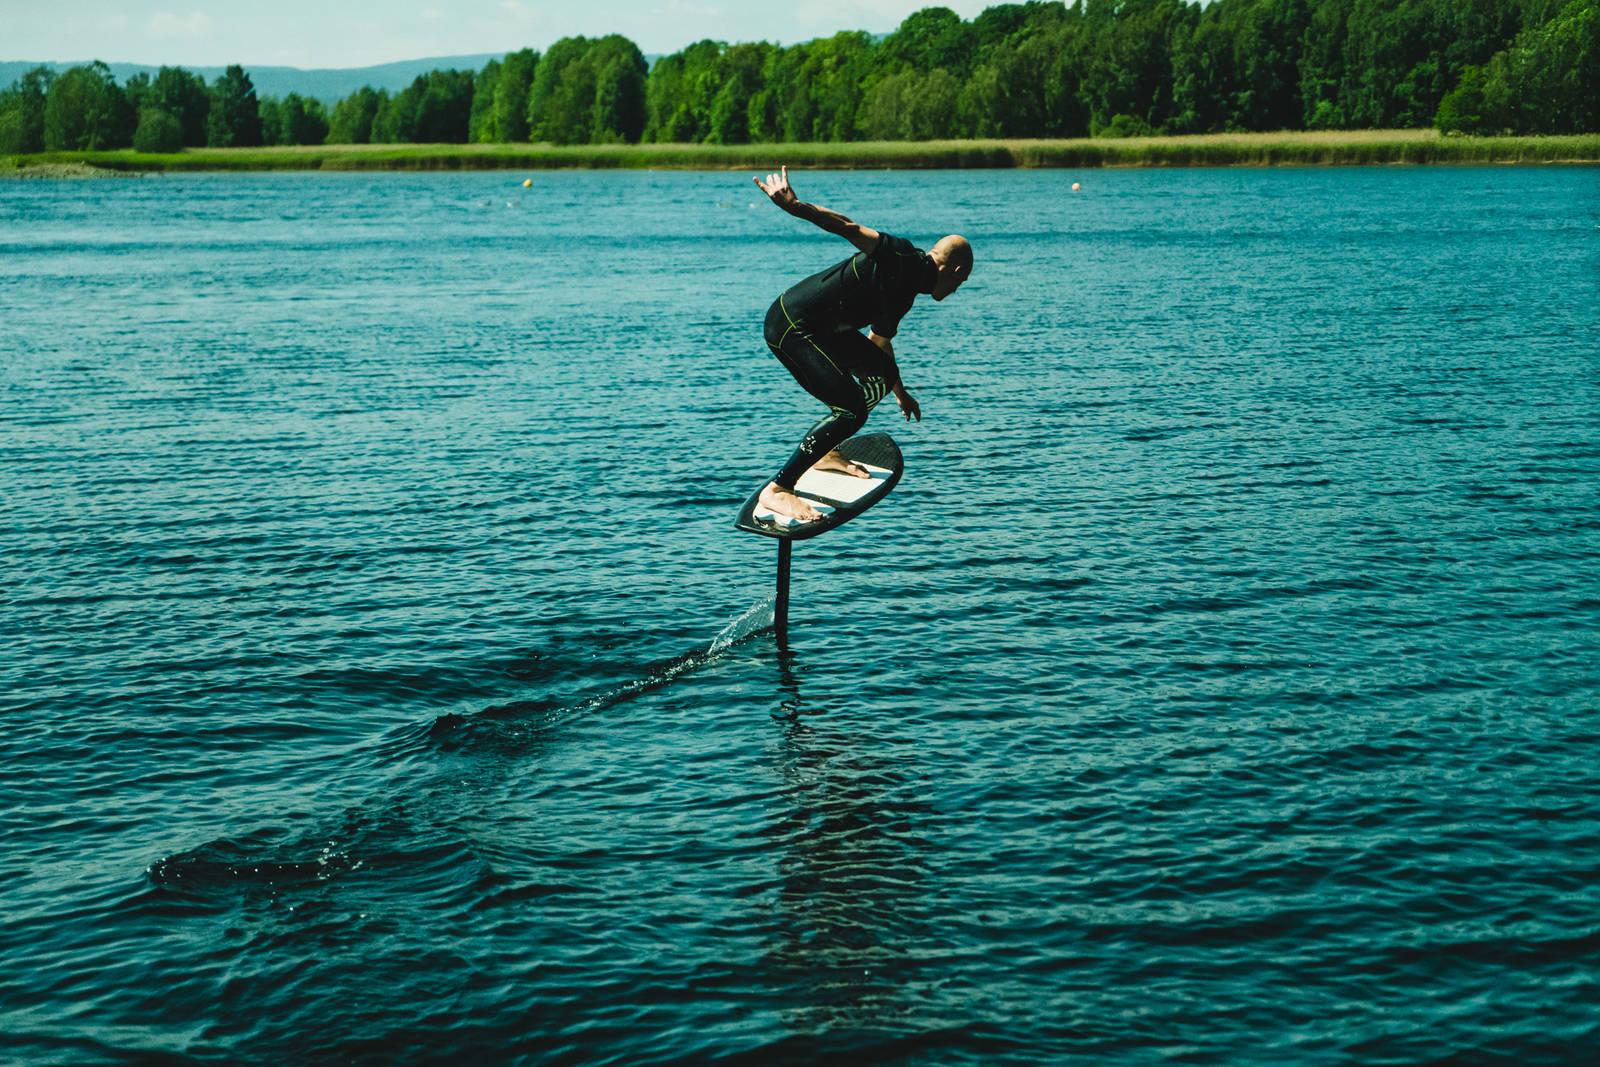 SÅ LENGE DU ORKER: Pumper han foilen, så kan Terje i prinsippet stå så lenge bena holder. Bilde: Christian Nerdrum